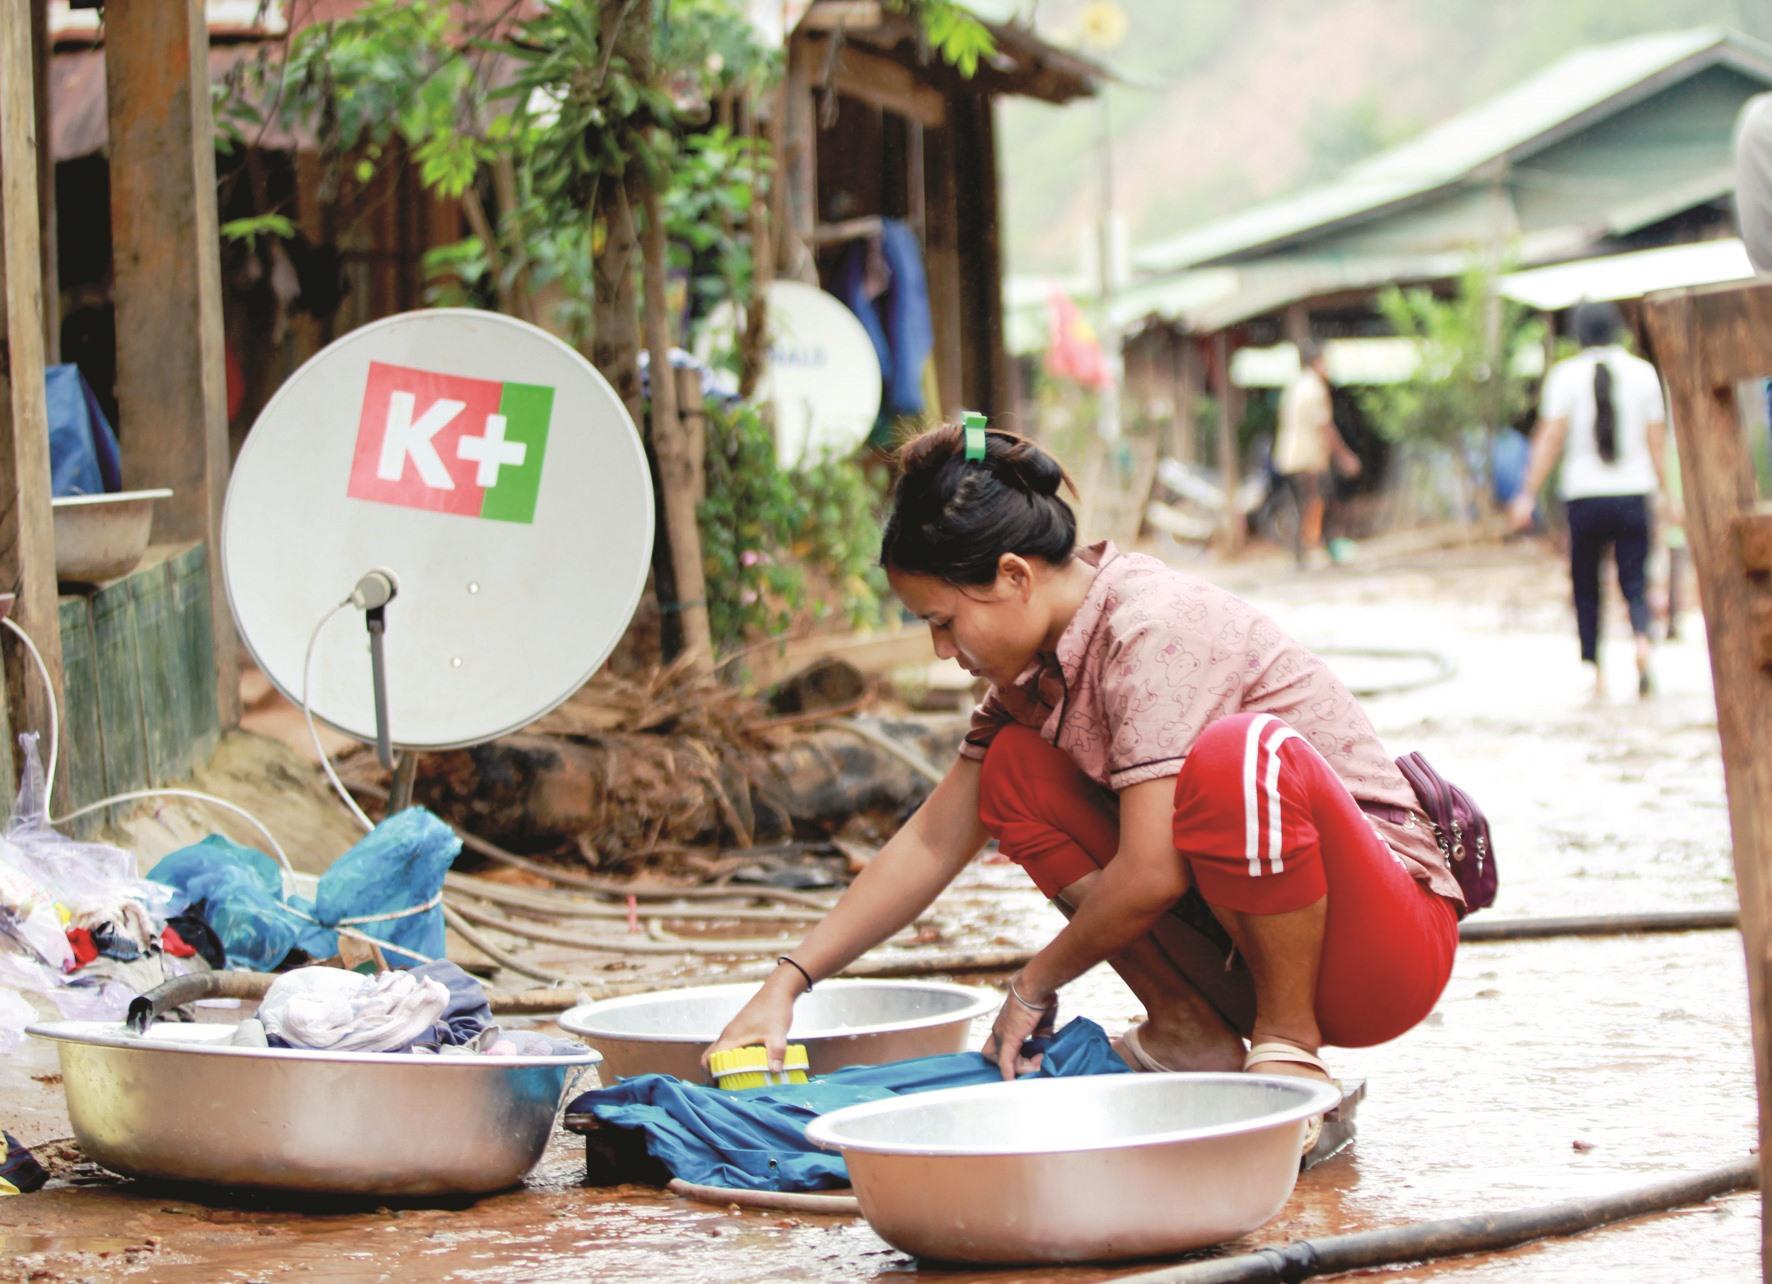 Hơn 100 nhân khẩu làng Triên đã thoát khỏi chuỗi ngày dài phải tá túc tạm tại trường mầm non liên xã Kim Thành Lộc.